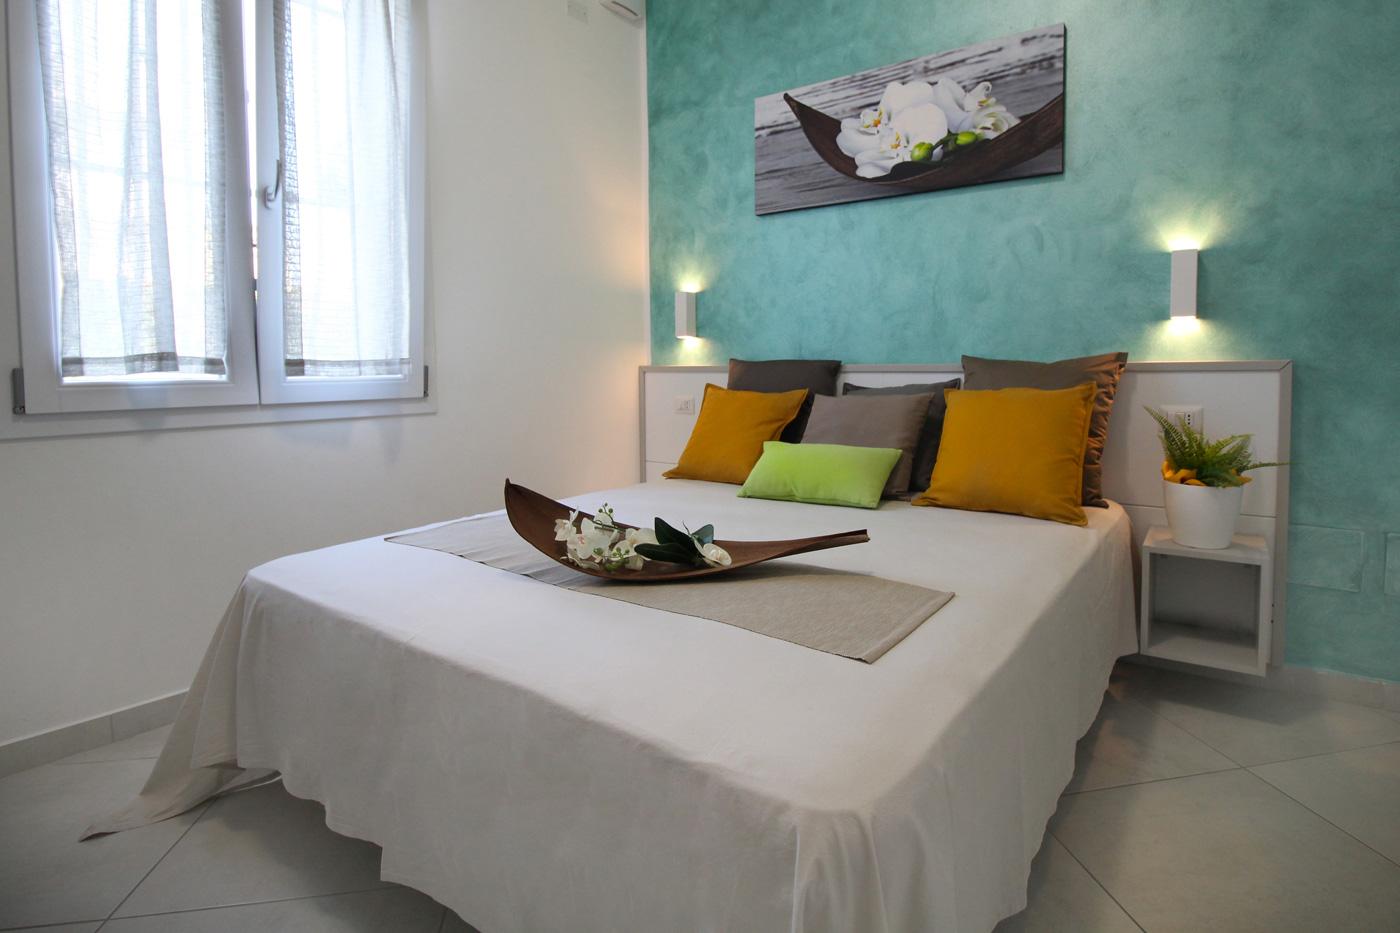 Appartamento samantha_Romagna case vacanze_IMG_7382